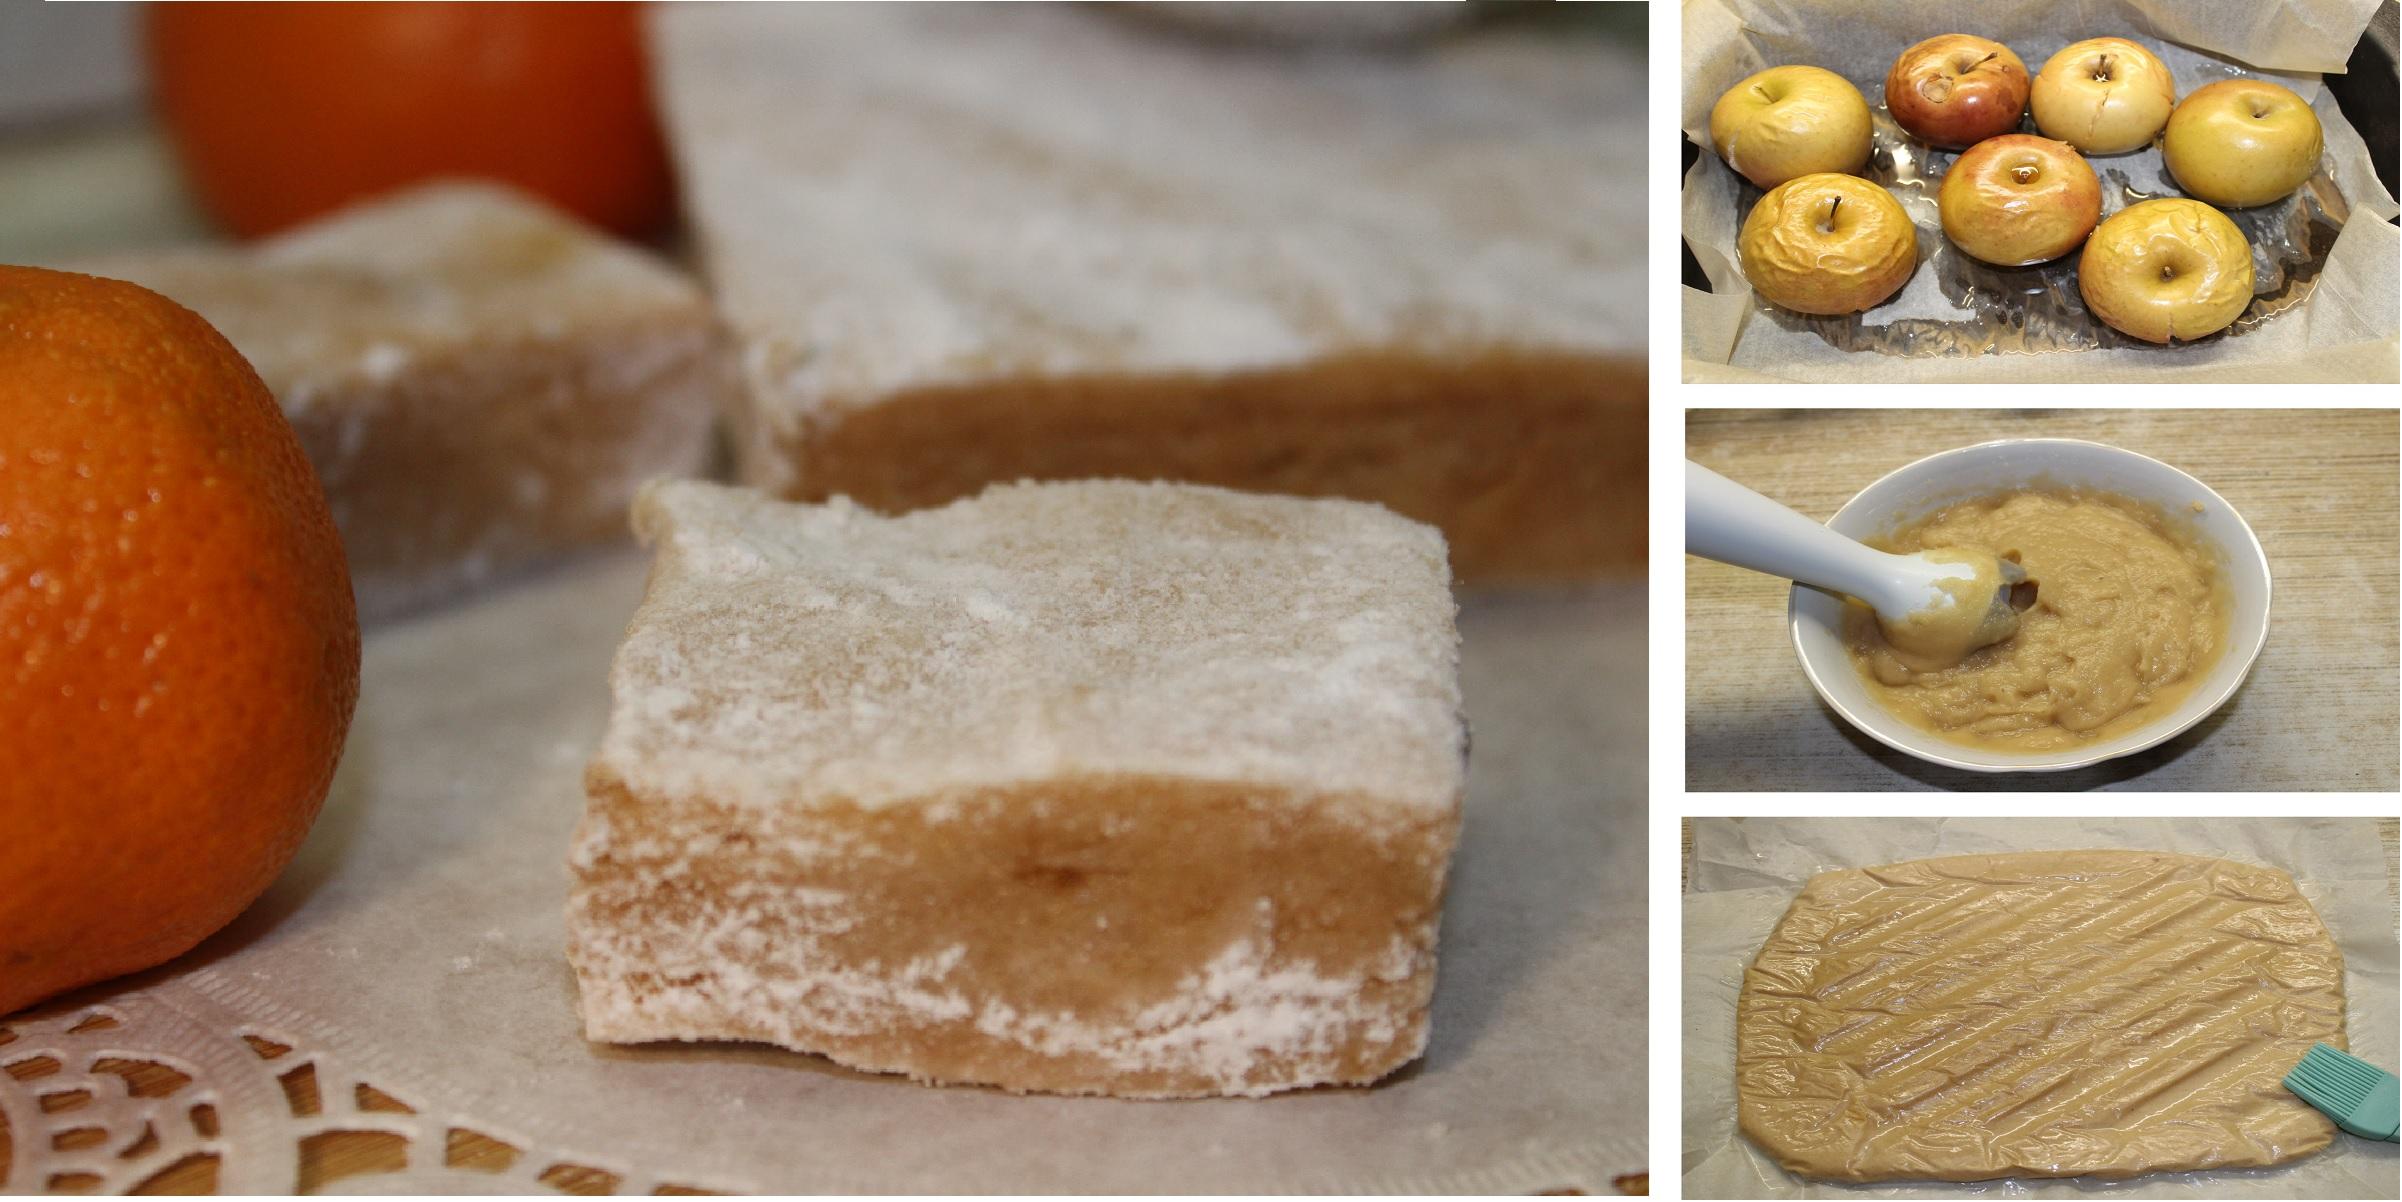 Полезная яблочная пастила своими руками: пошаговый фото рецепт